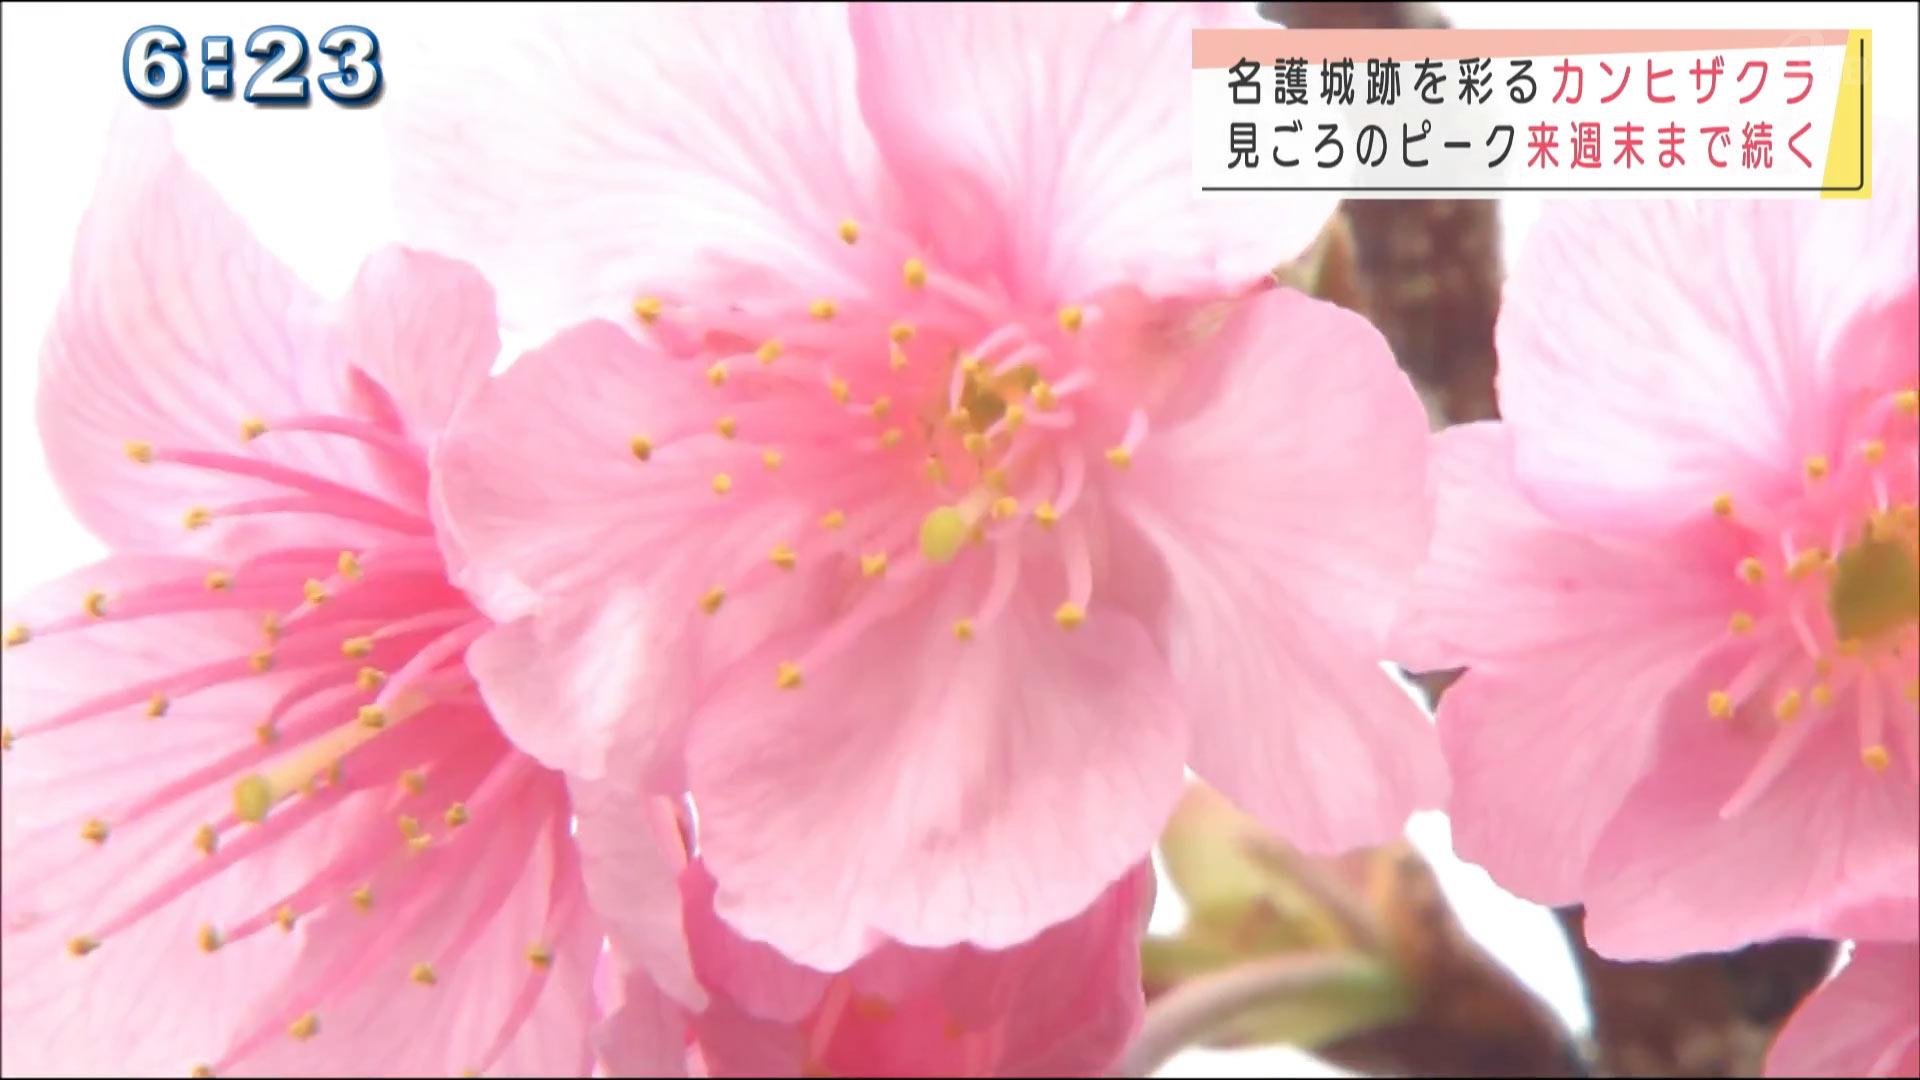 名護城の桜が見ごろです!